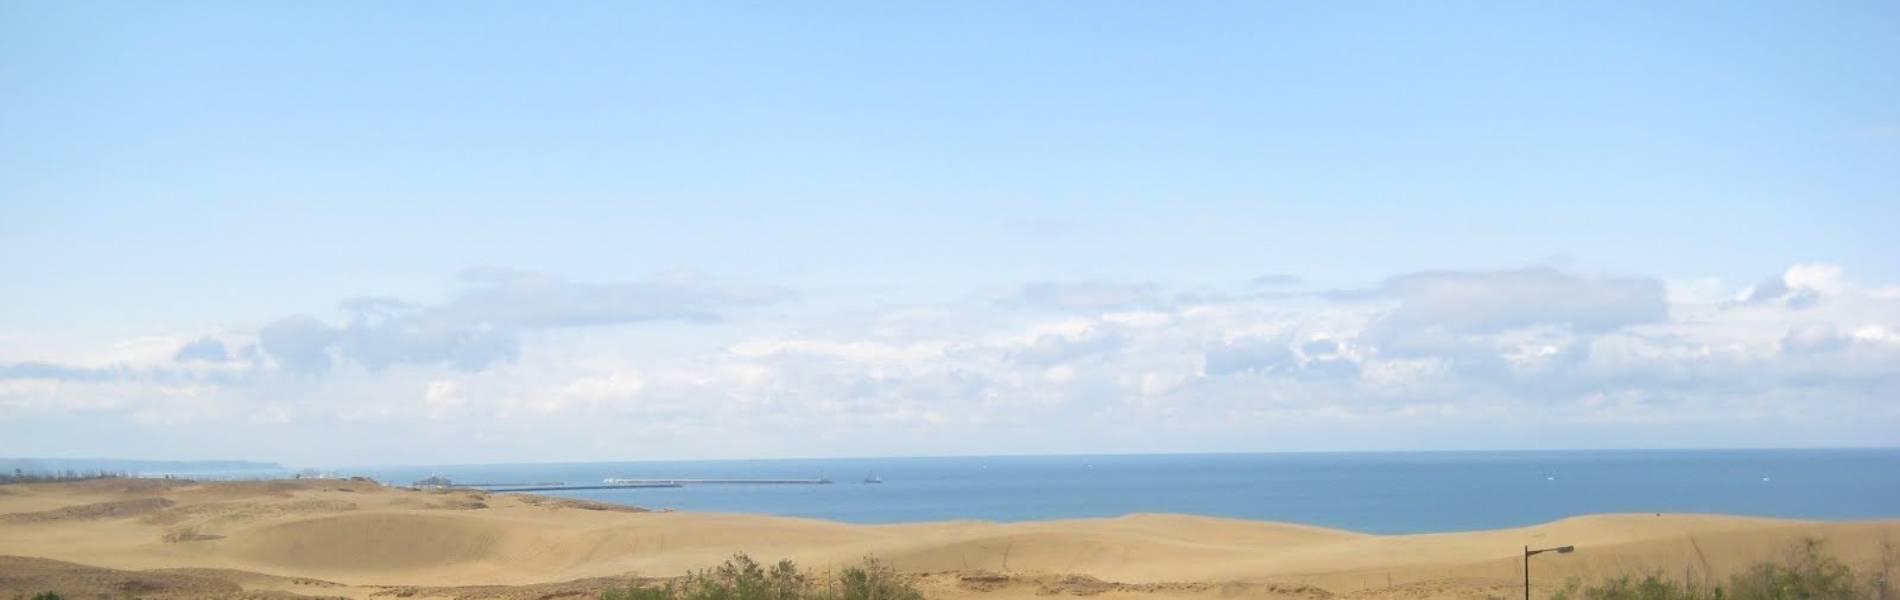 鳥取沙丘 Tottori Sand Dune